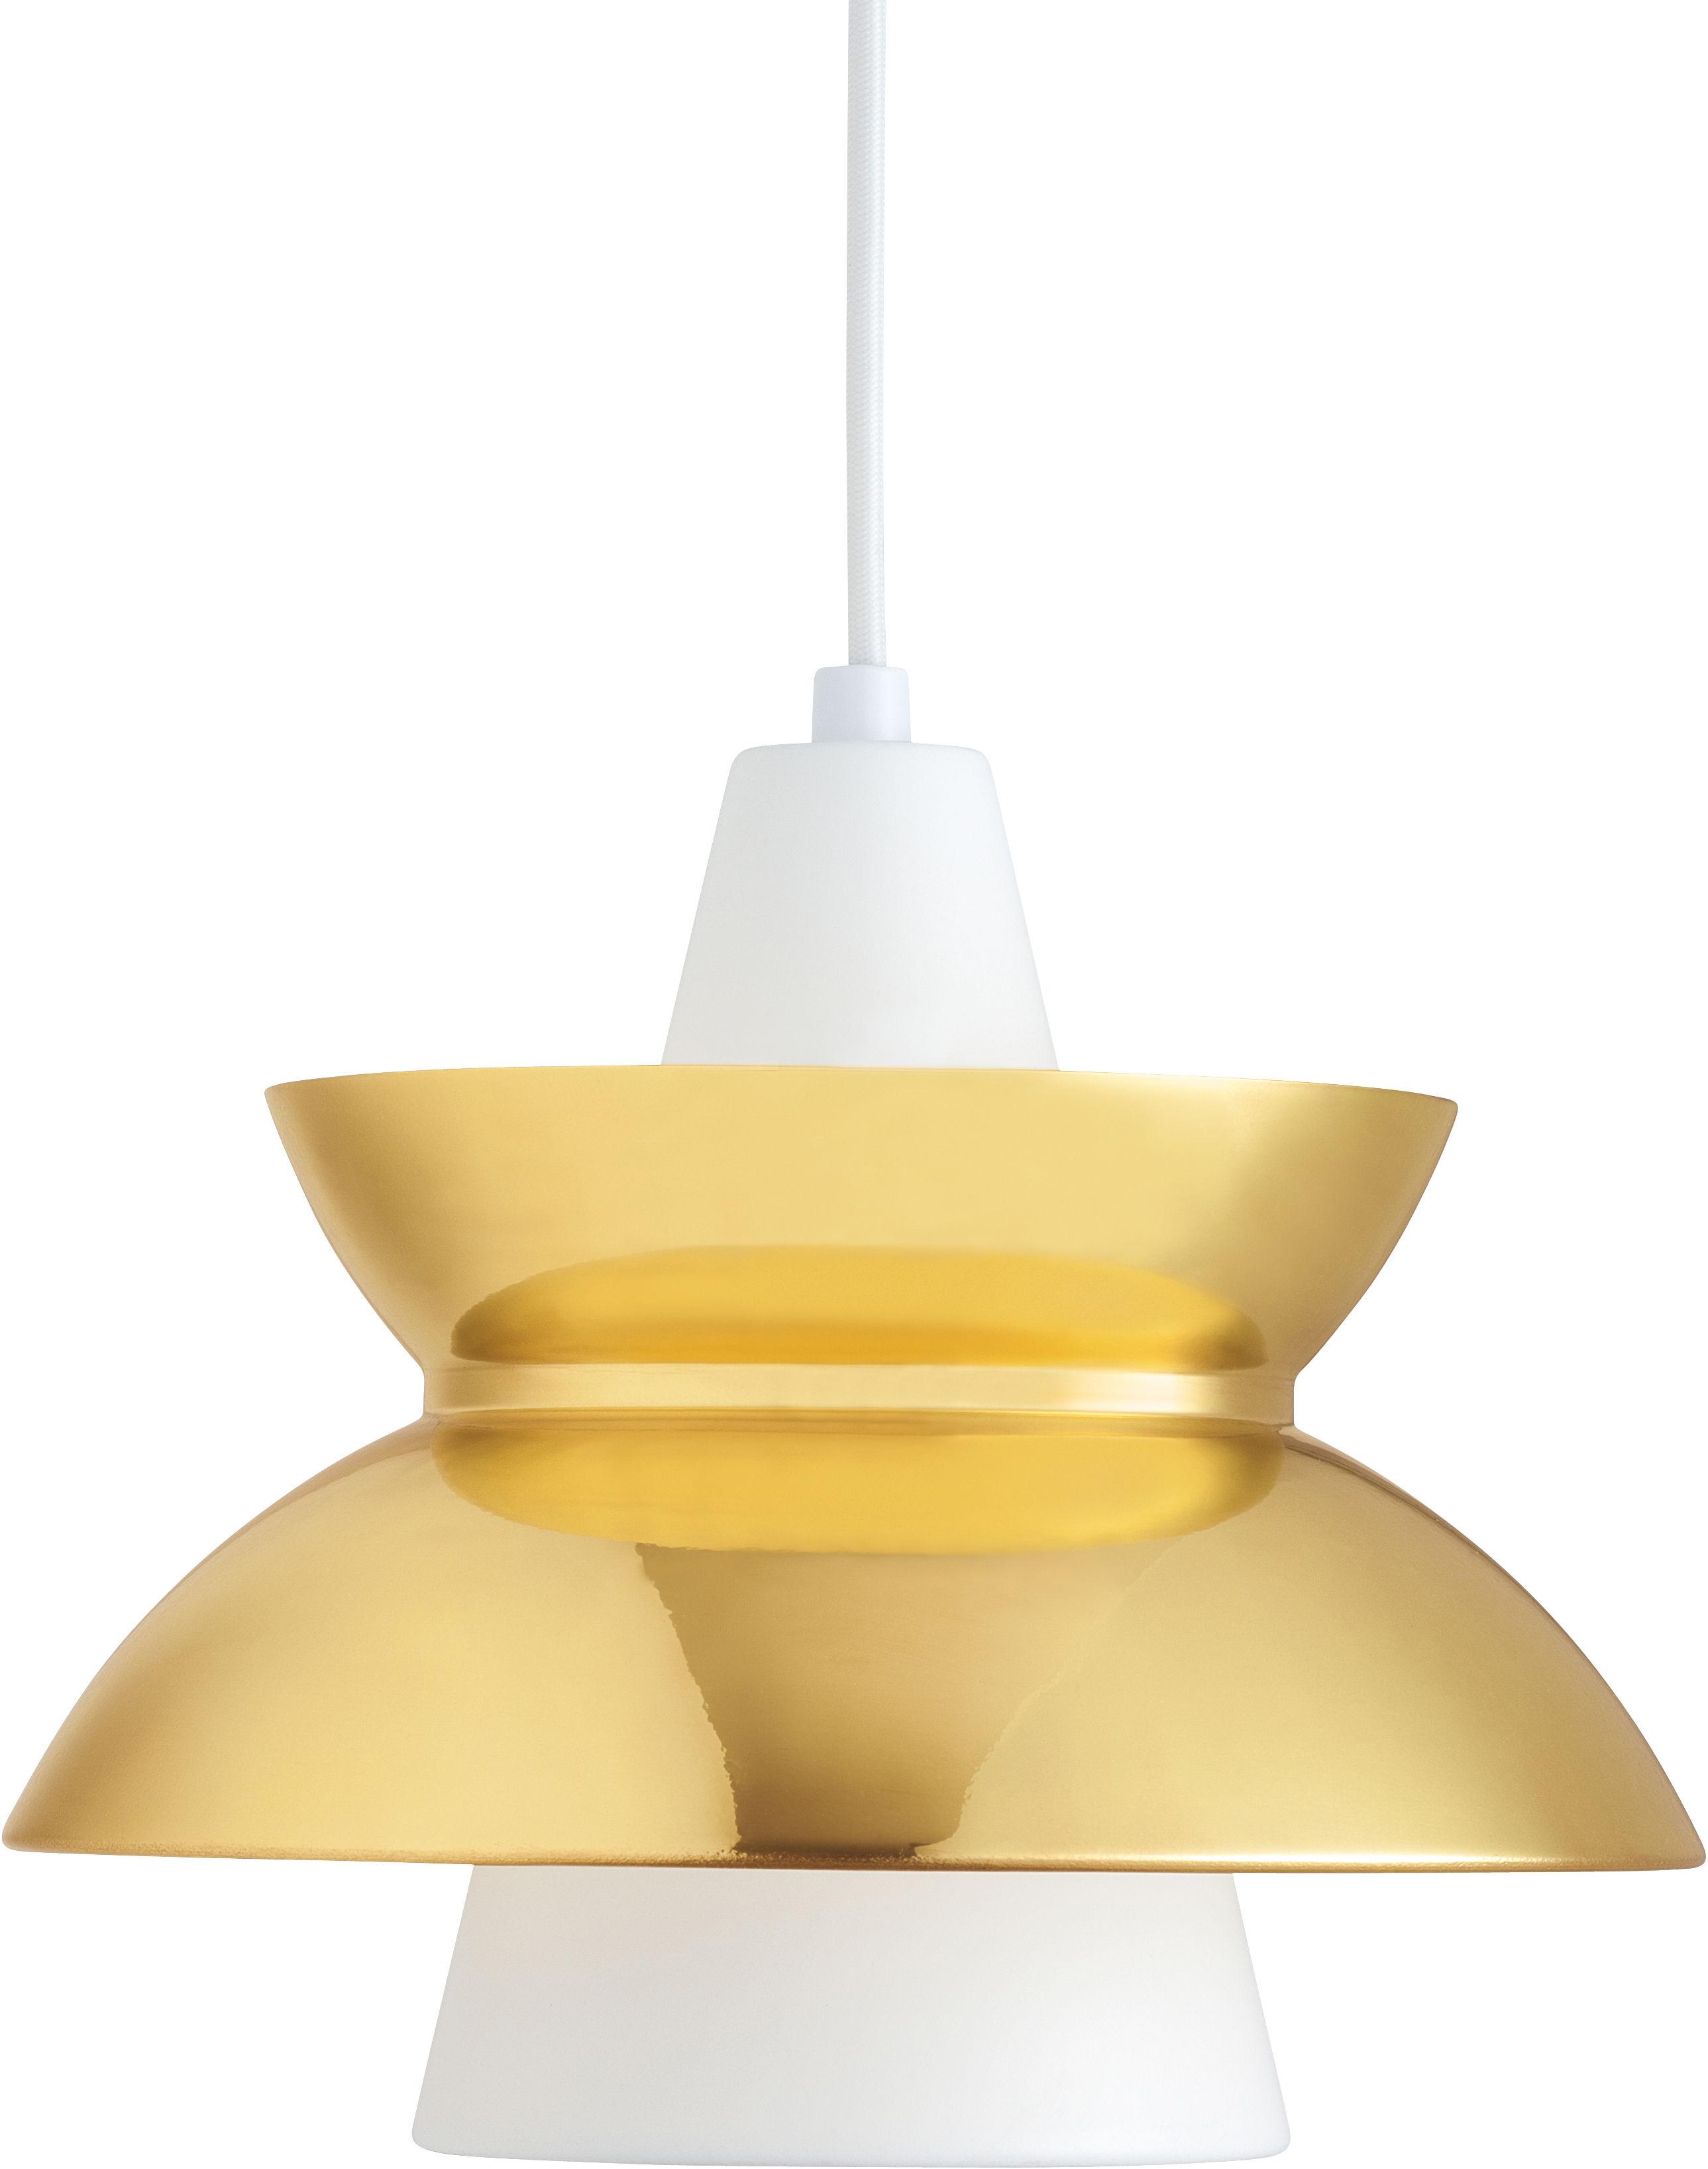 Luminaire - Suspensions - Suspension Doo-Wop / Version laiton - Louis Poulsen - Laiton - Aluminium